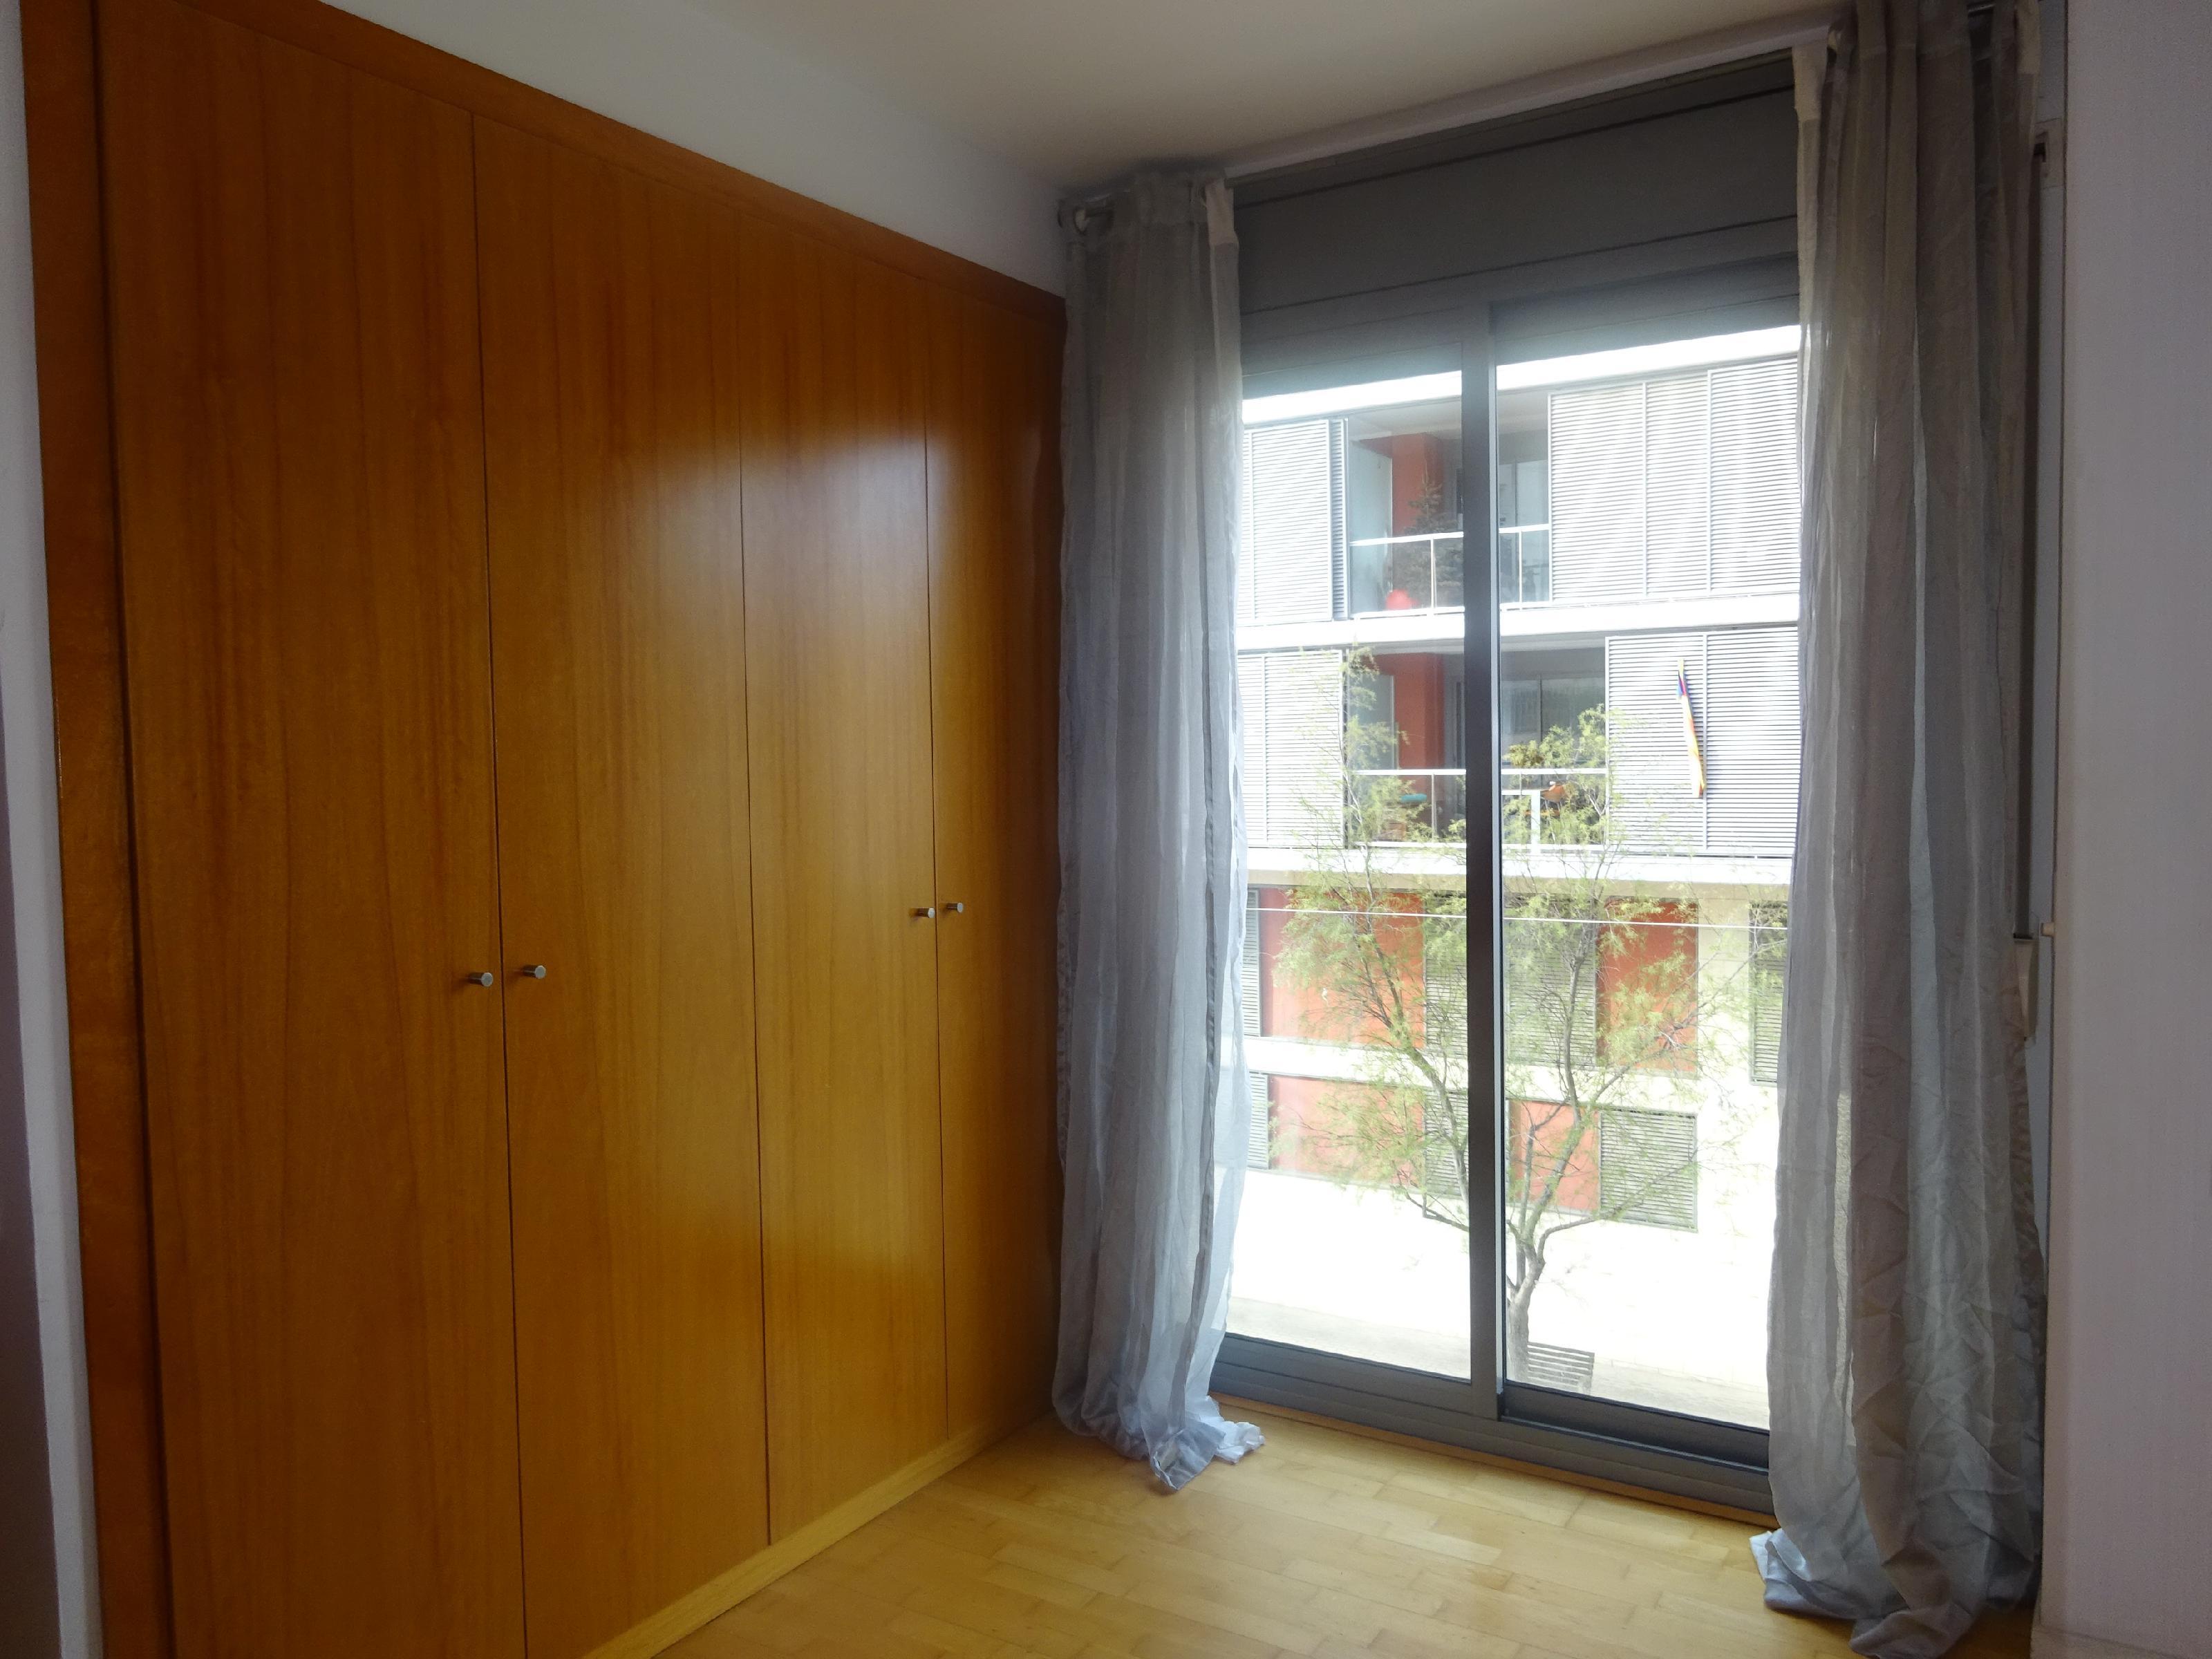 Imagen 3 Piso en venta en Badalona / Front Marítim, vivienda situada en 1ra. Linea de Mar.